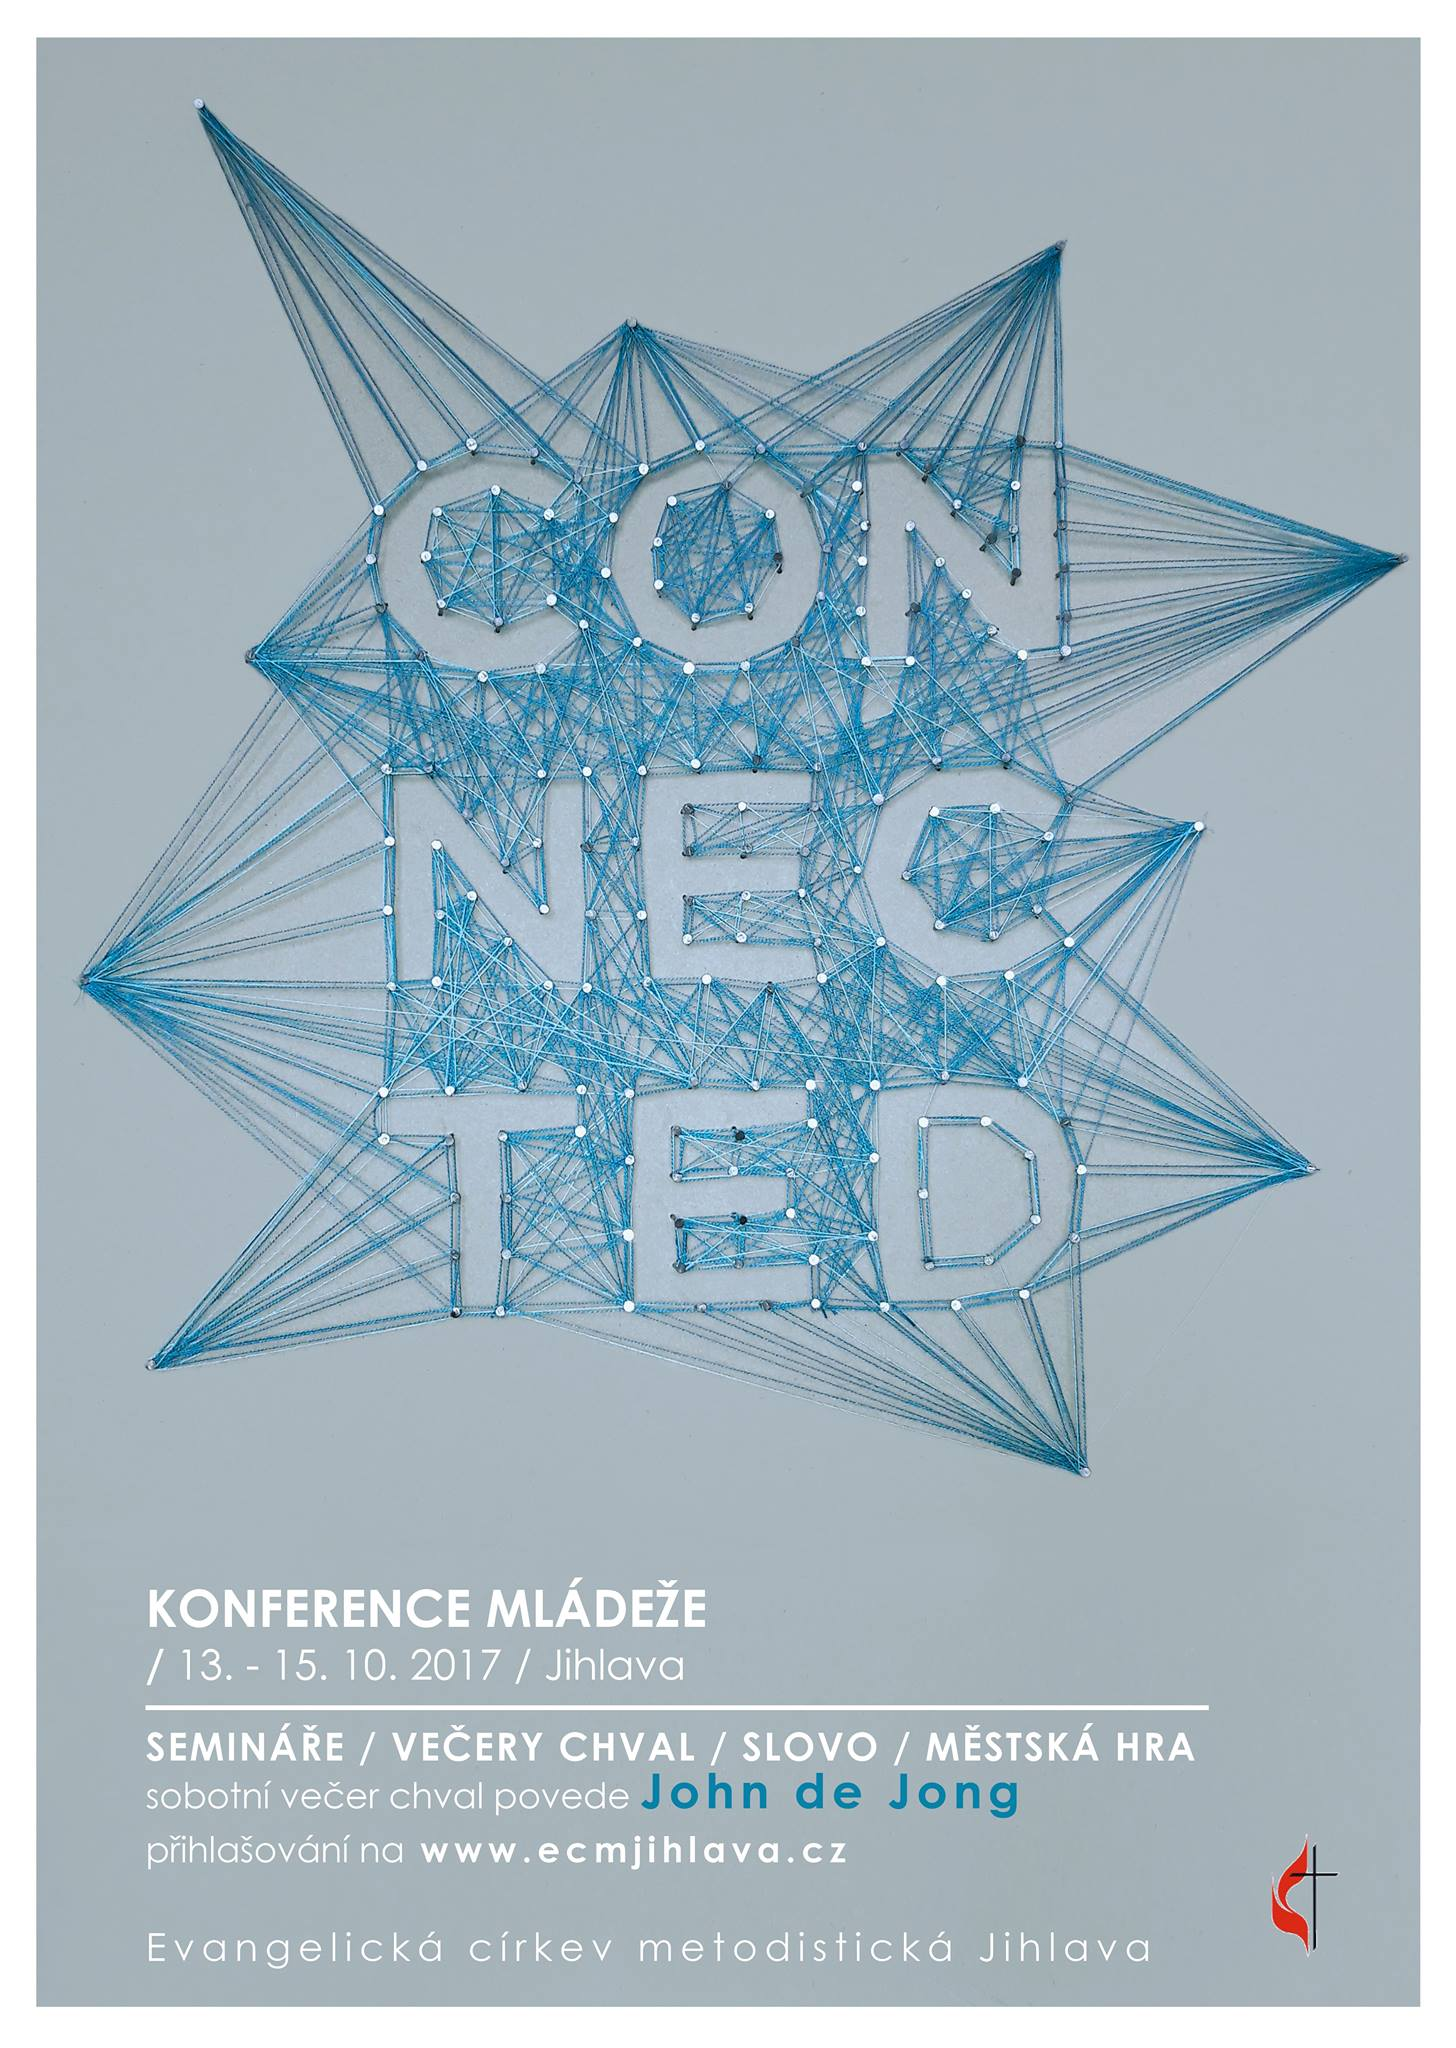 Plakát Konference